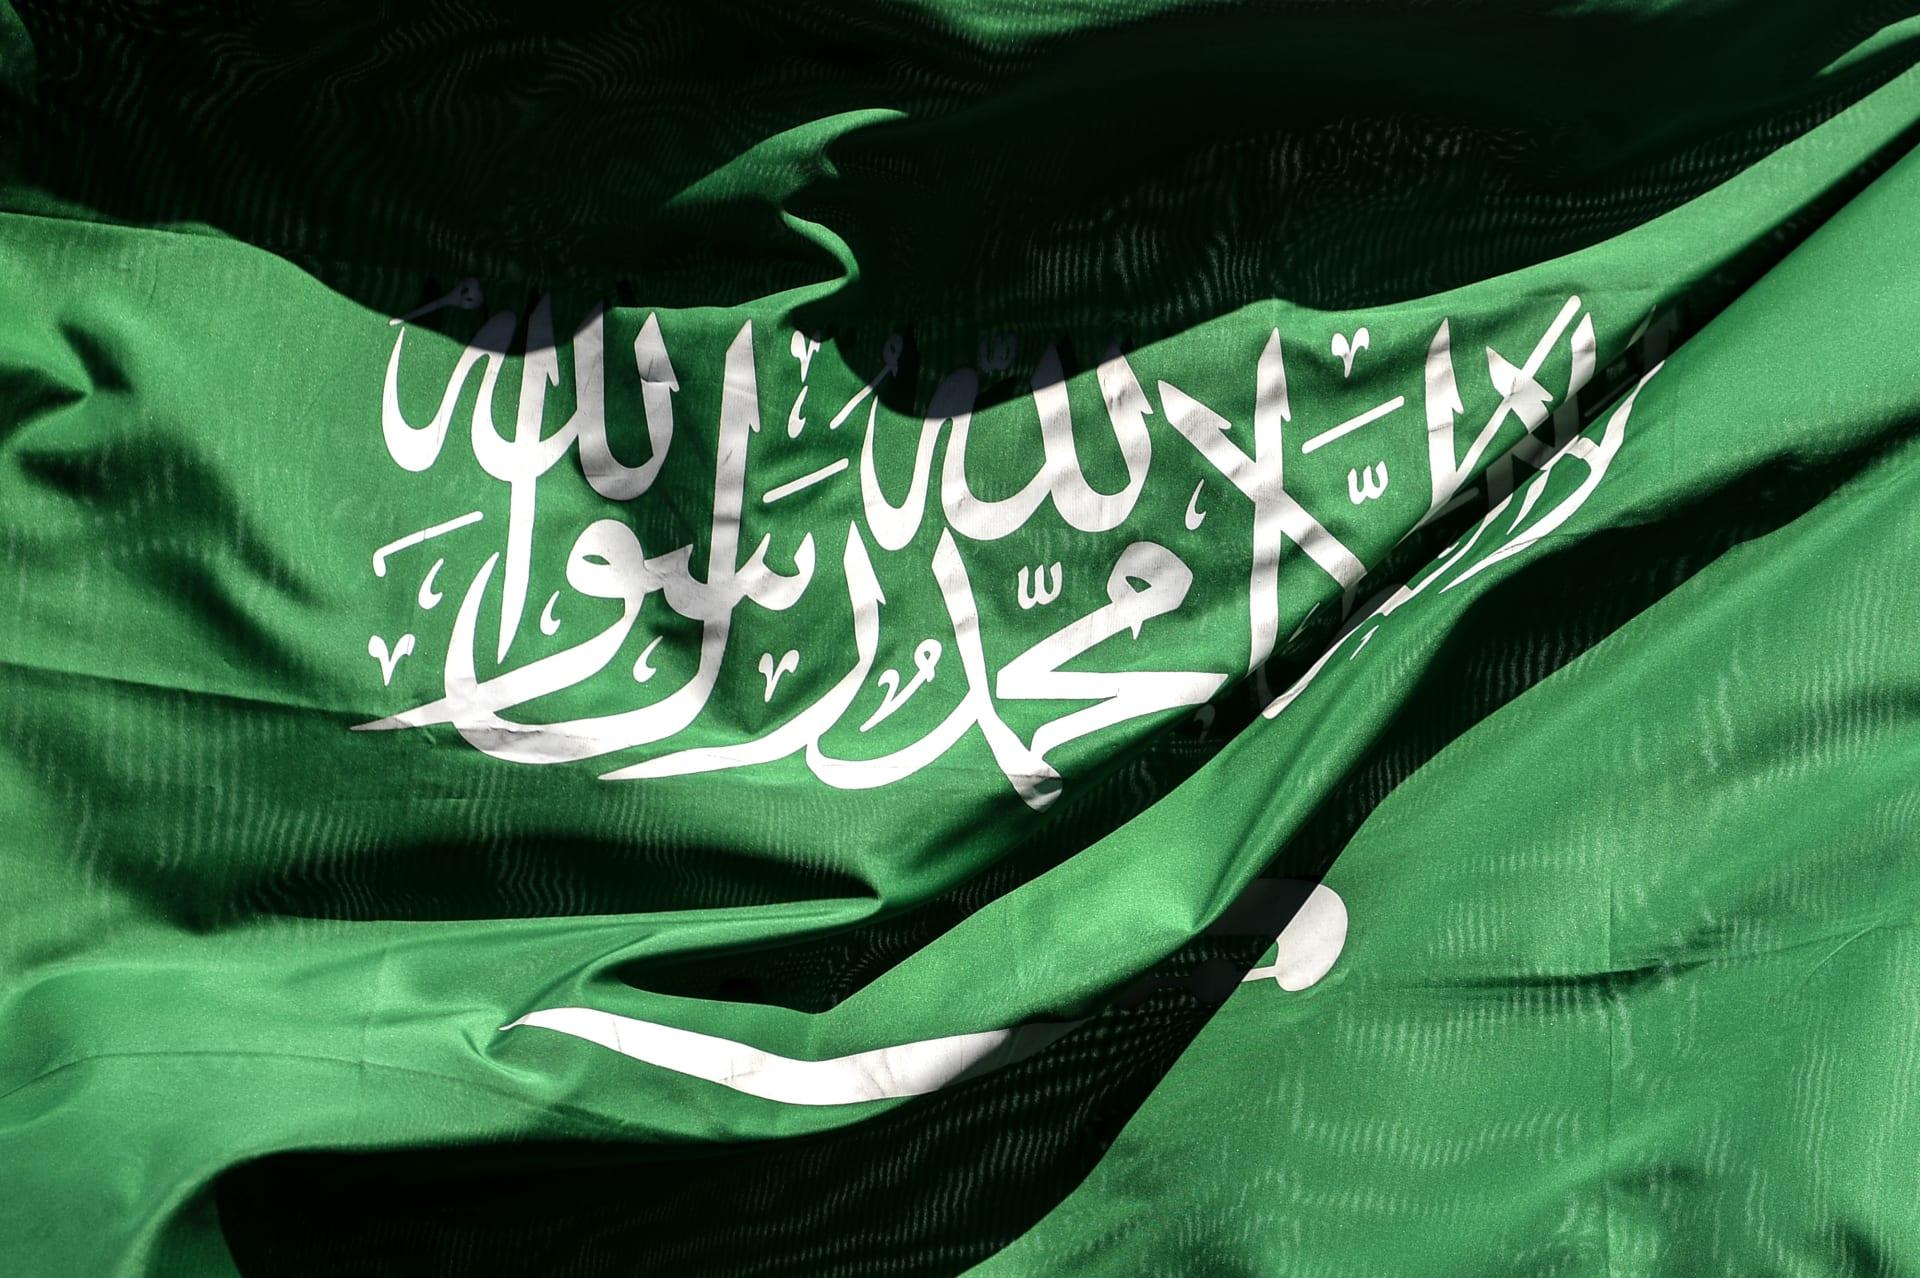 """السعودية تنفذ حكم القتل تعزيرا بحق 37 متهما بـ""""الإرهاب"""".. وتقيم """"حد الحرابة"""" على 2 منهم"""